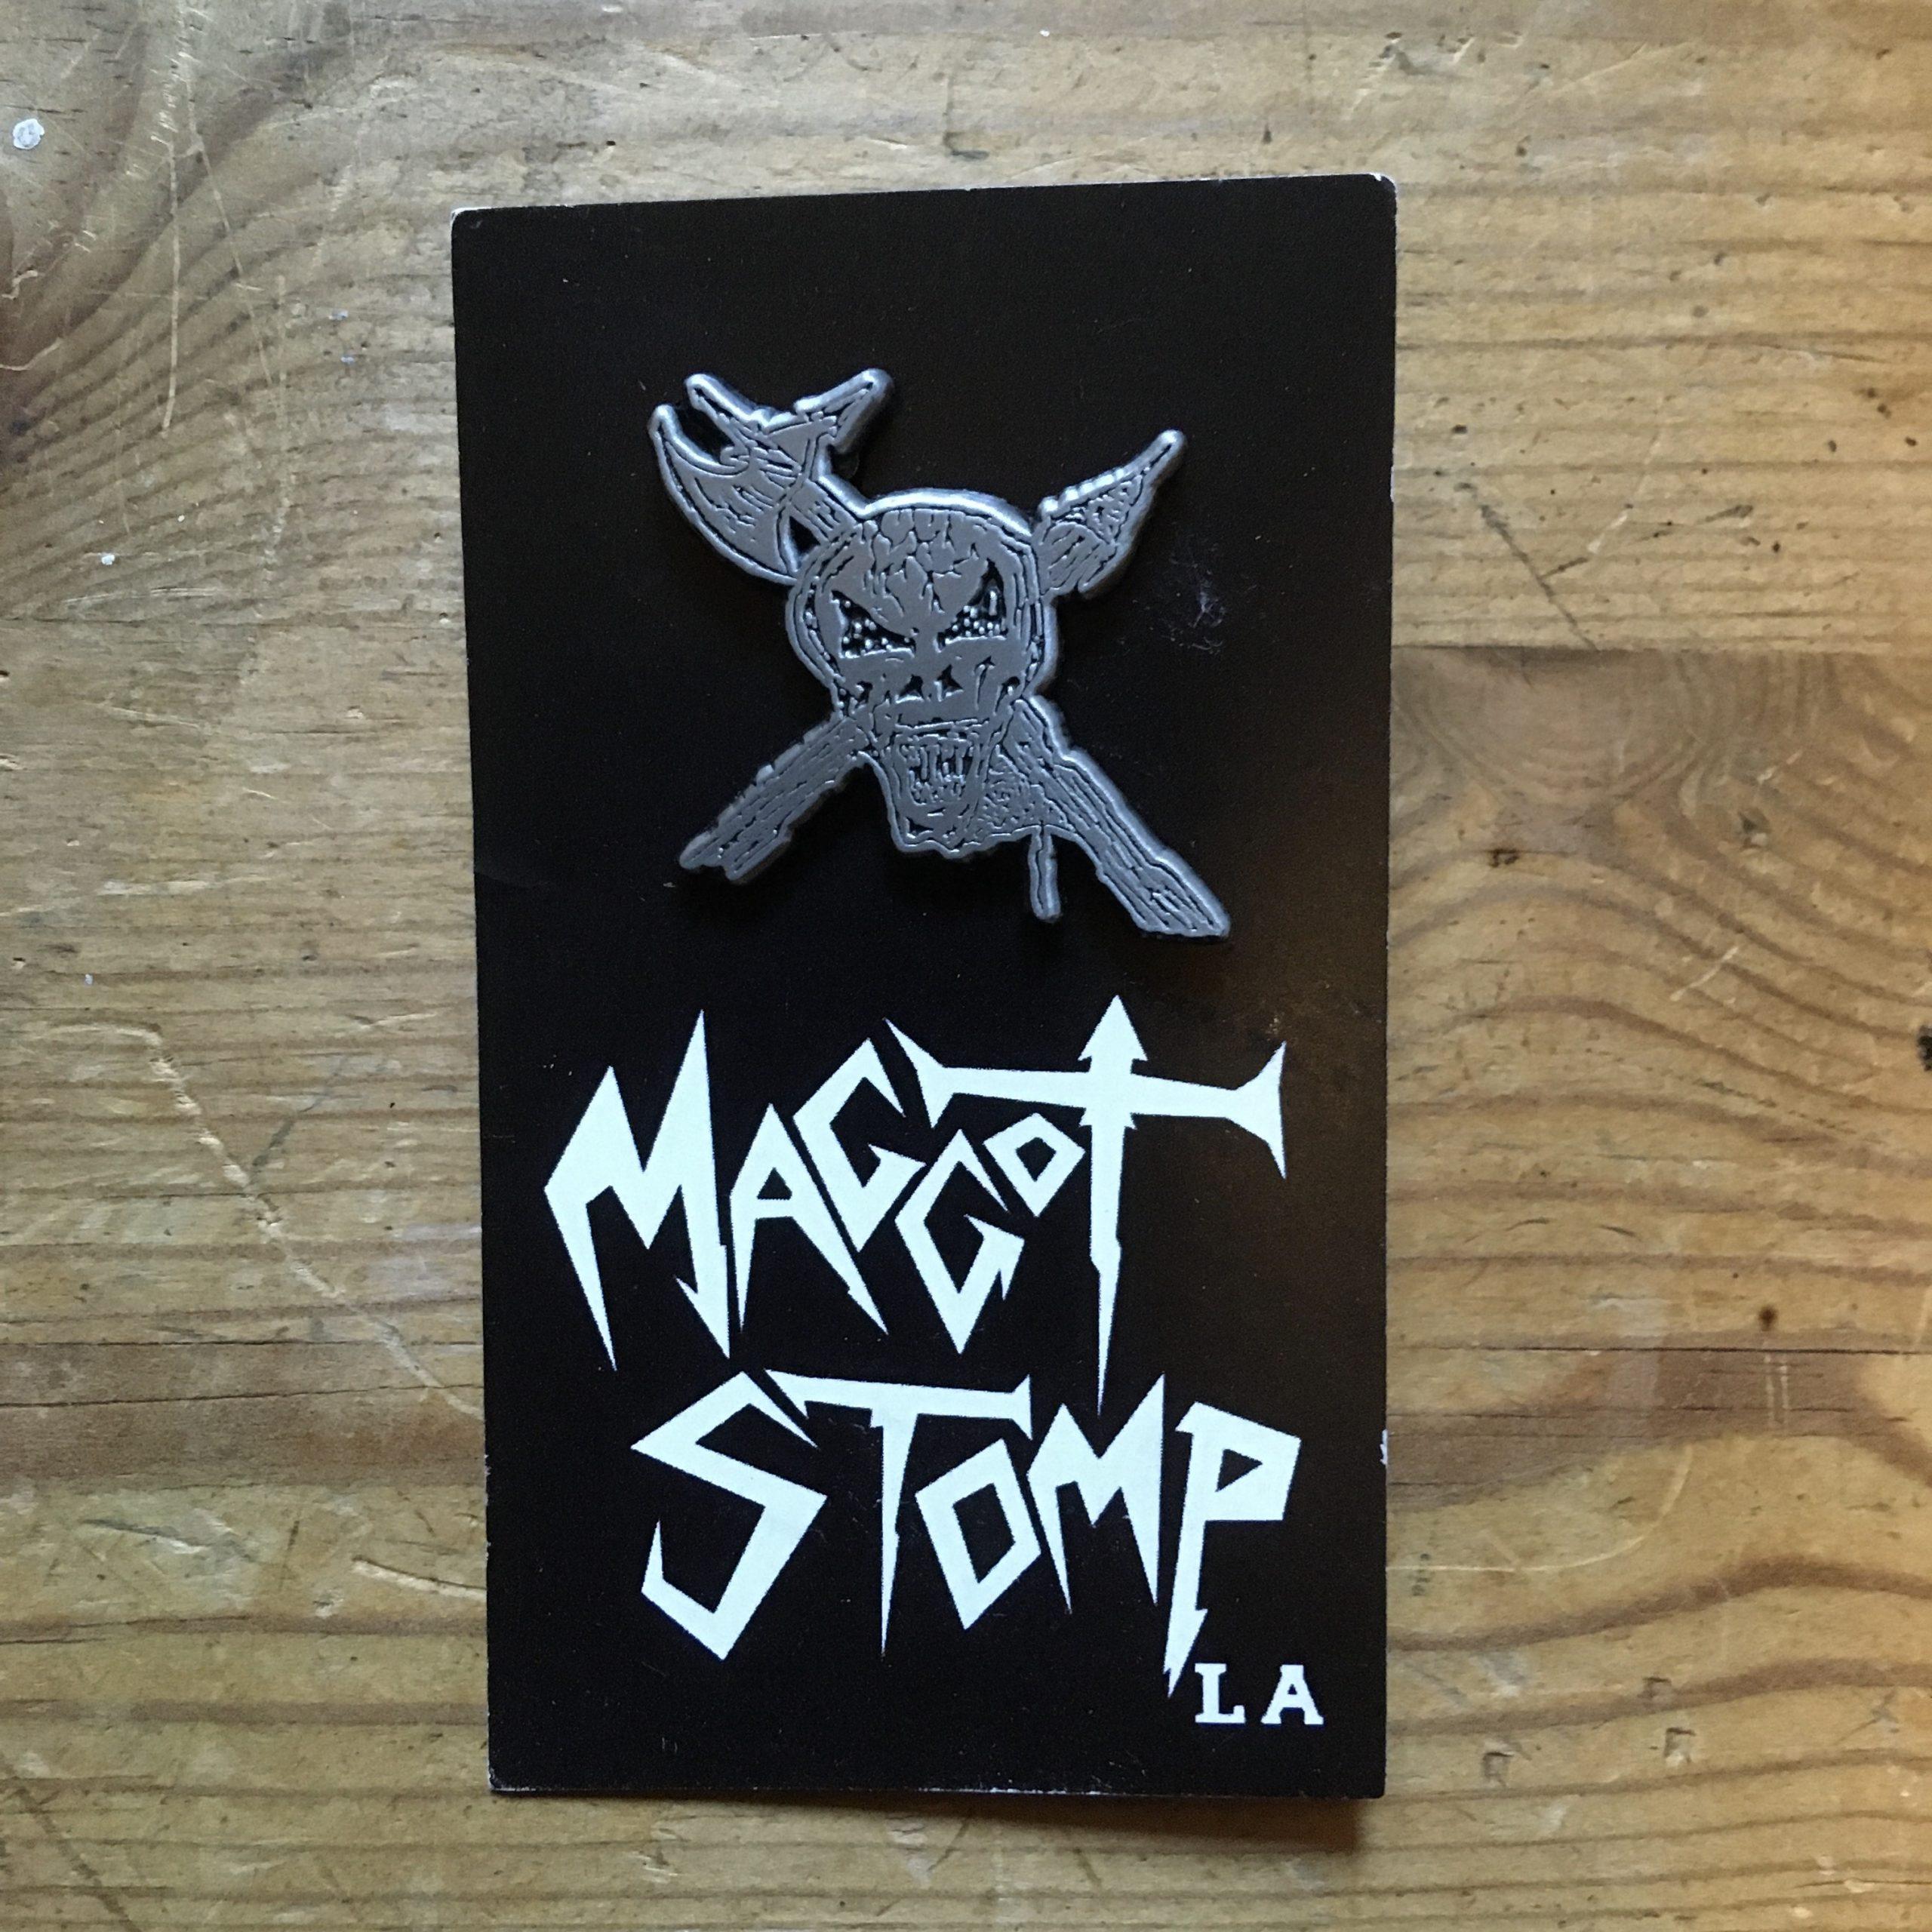 Photo of the Rigor Mortis - metal pin